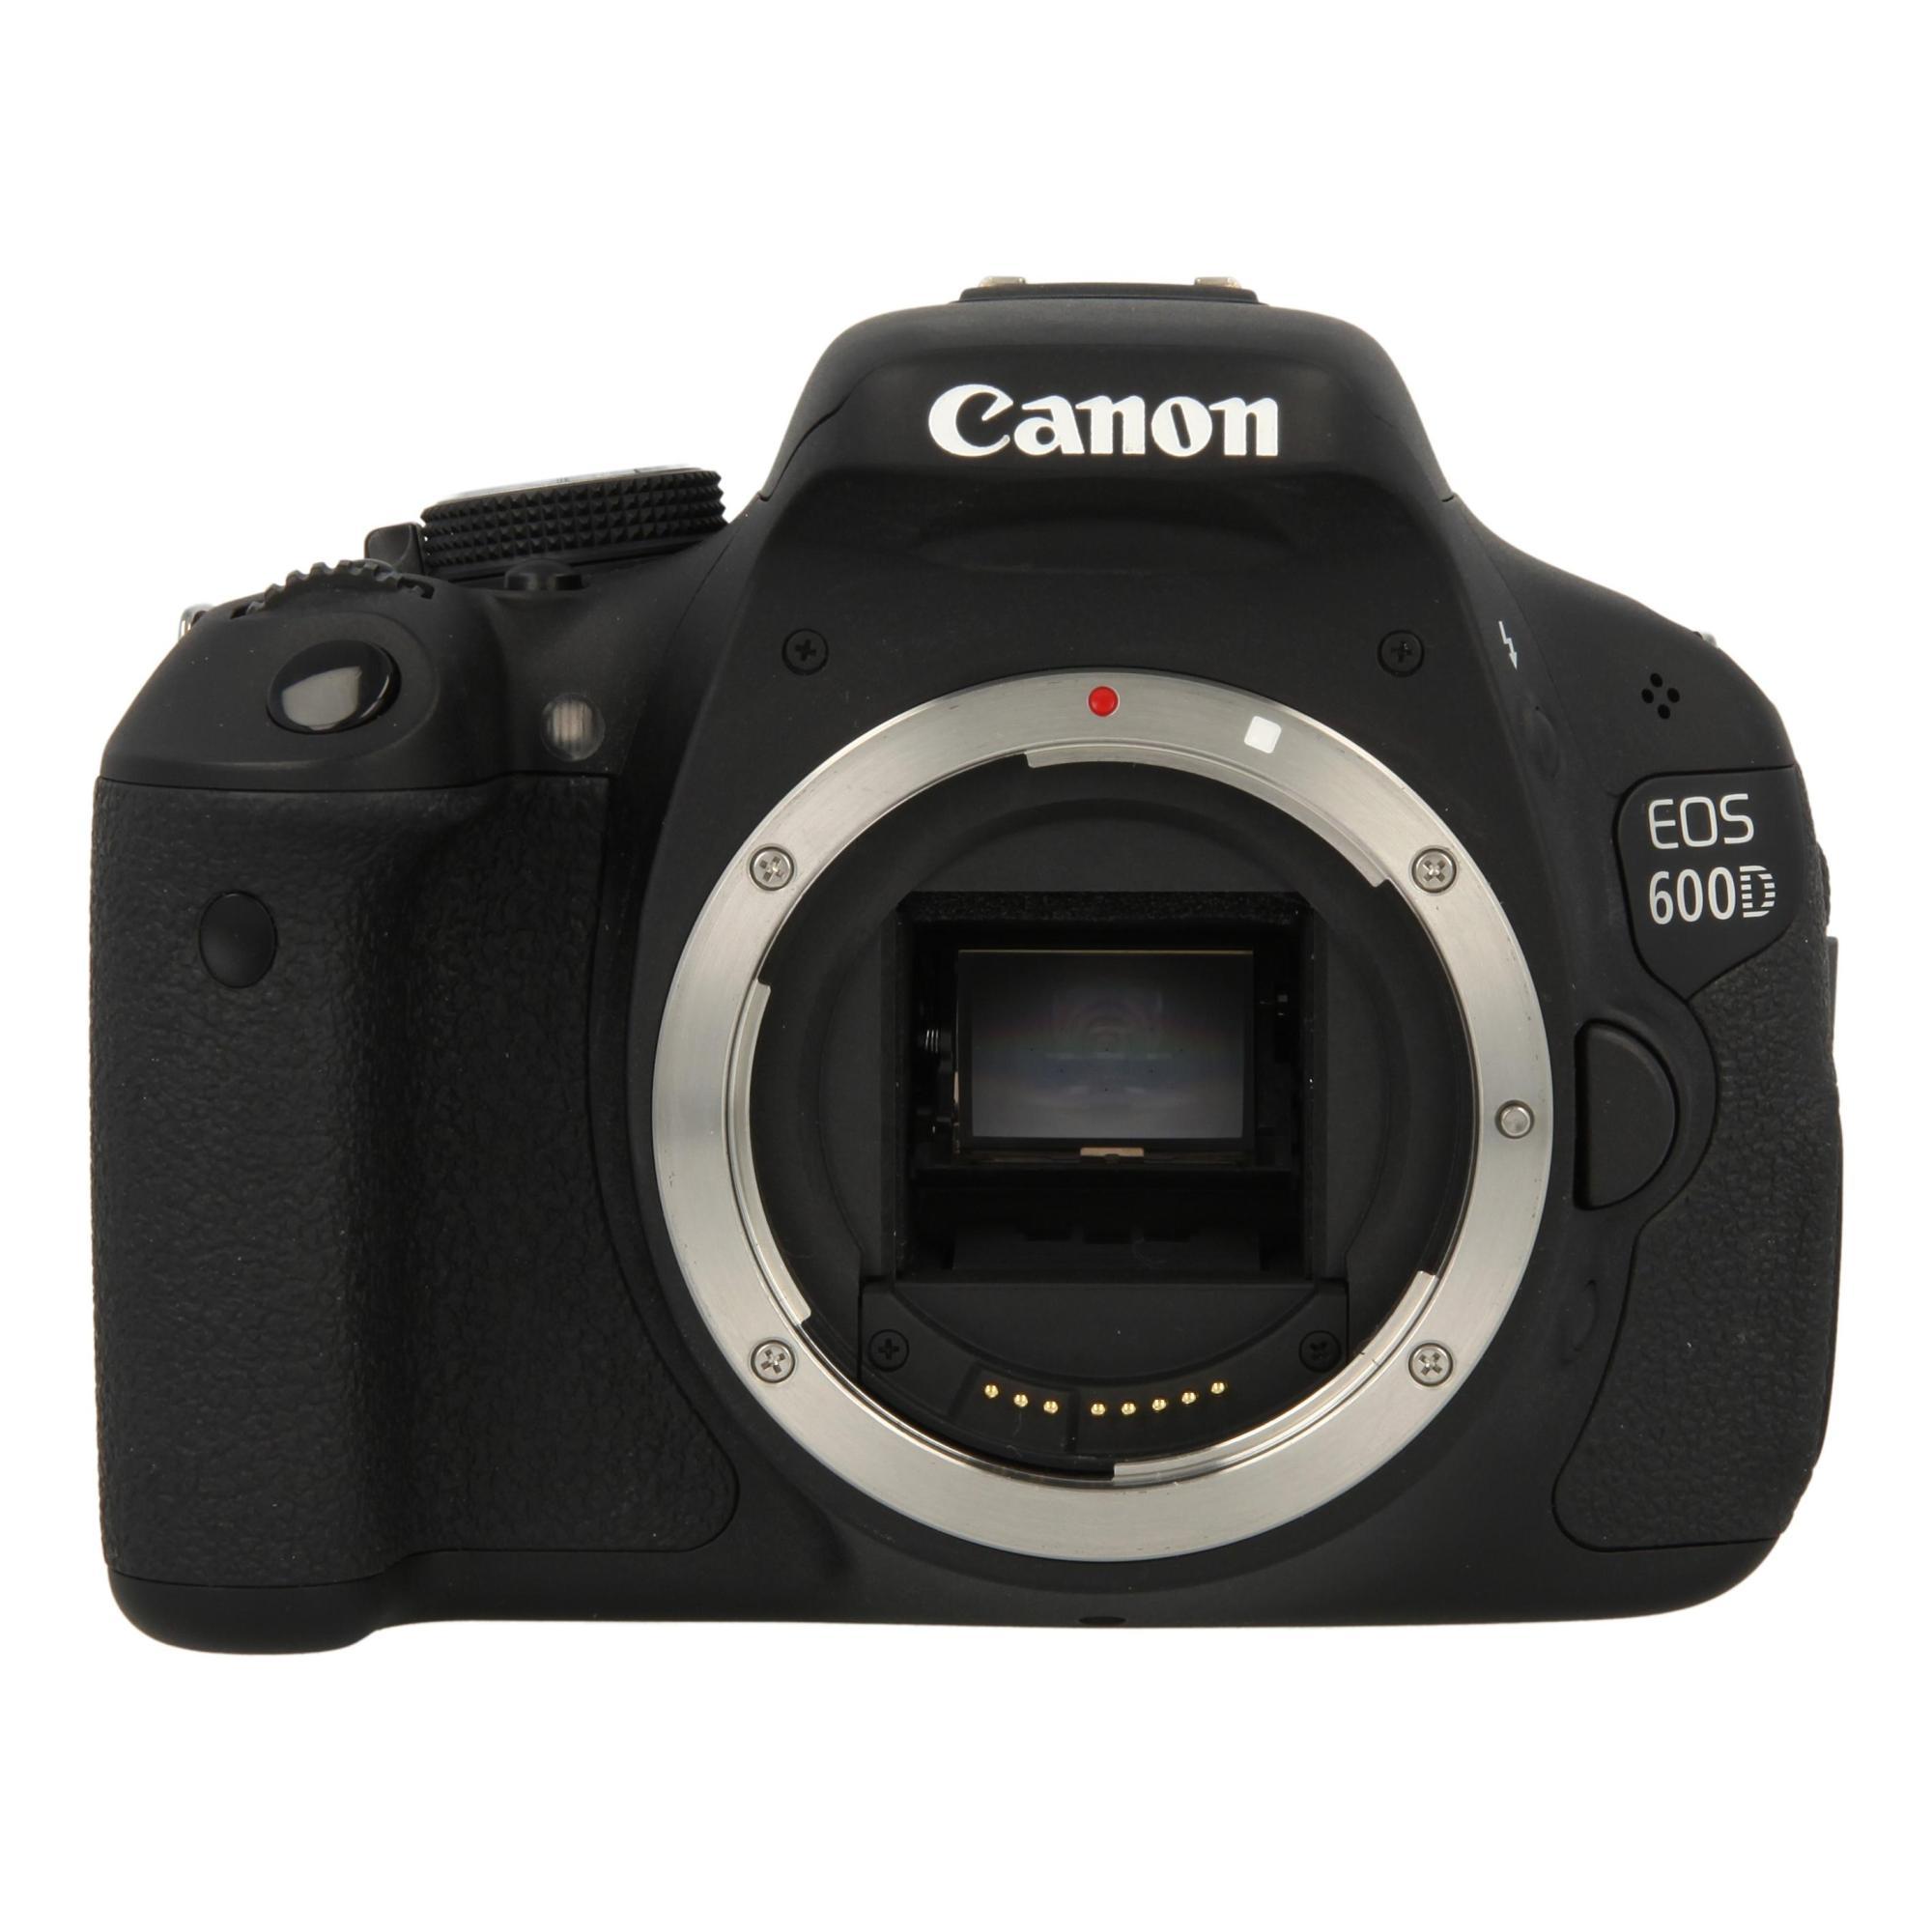 Canon eos 600d negro buen estado asgoodasnew for Housse canon eos 600d